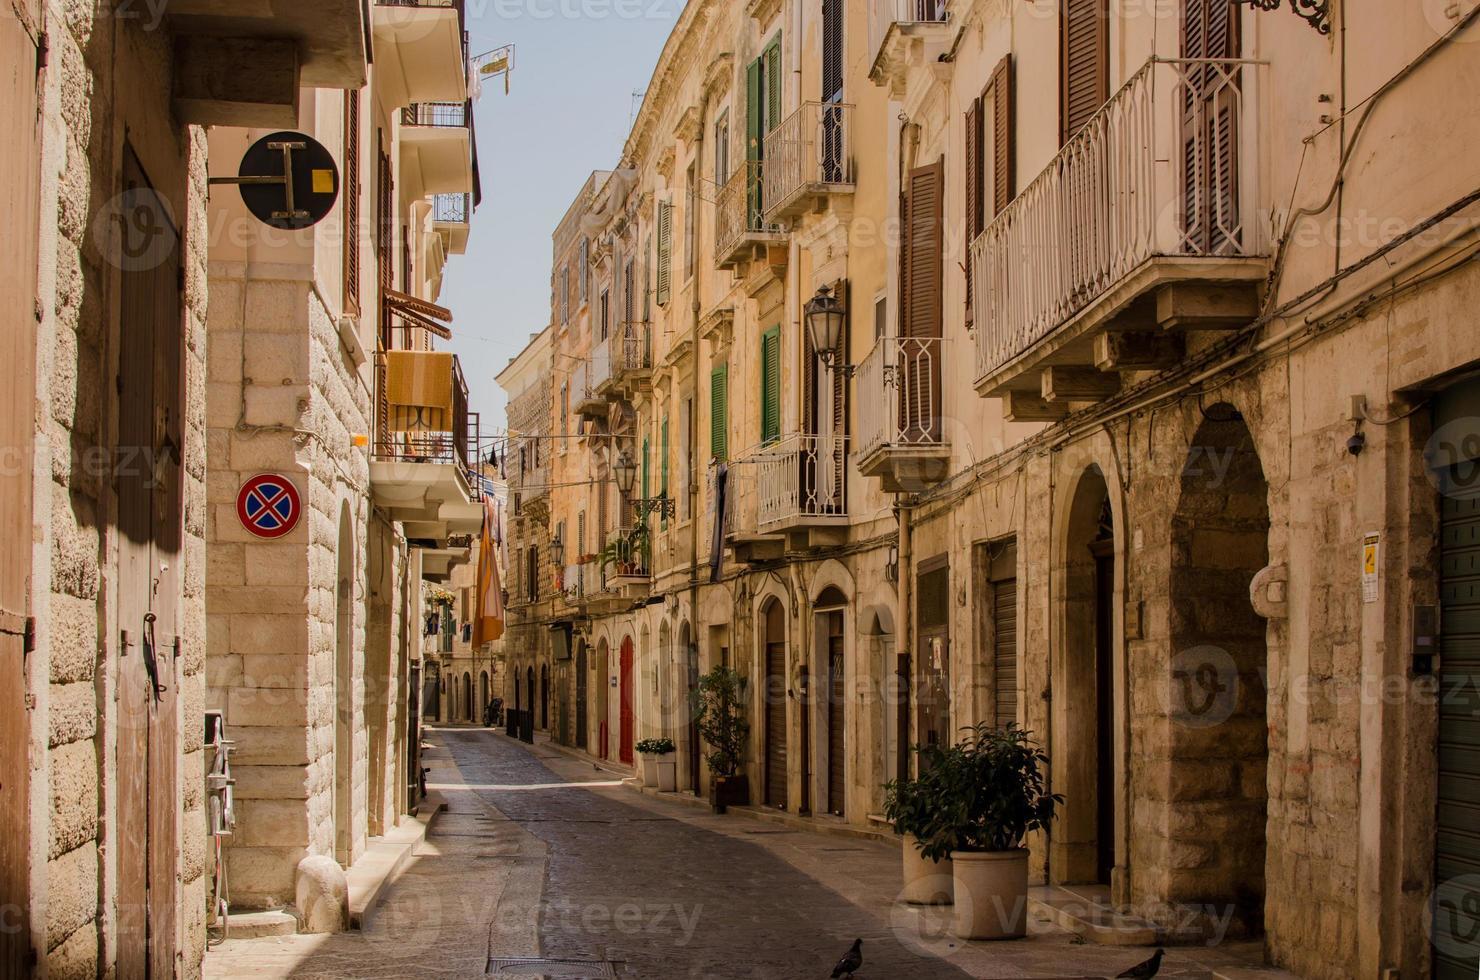 mittelalterliche italienische Straße in Trani foto